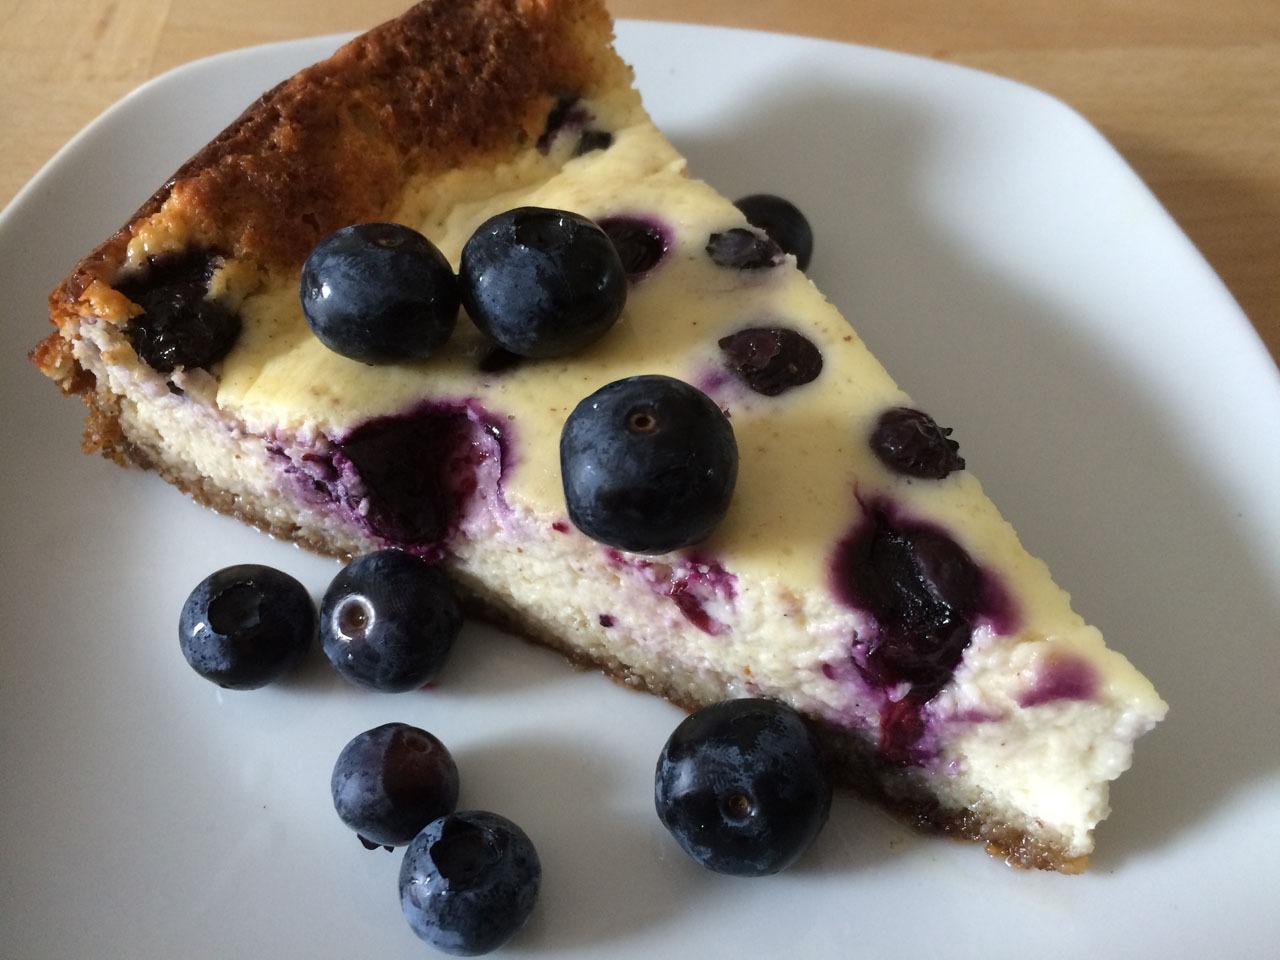 Blueberry Cheesecake Rezept nachkochen